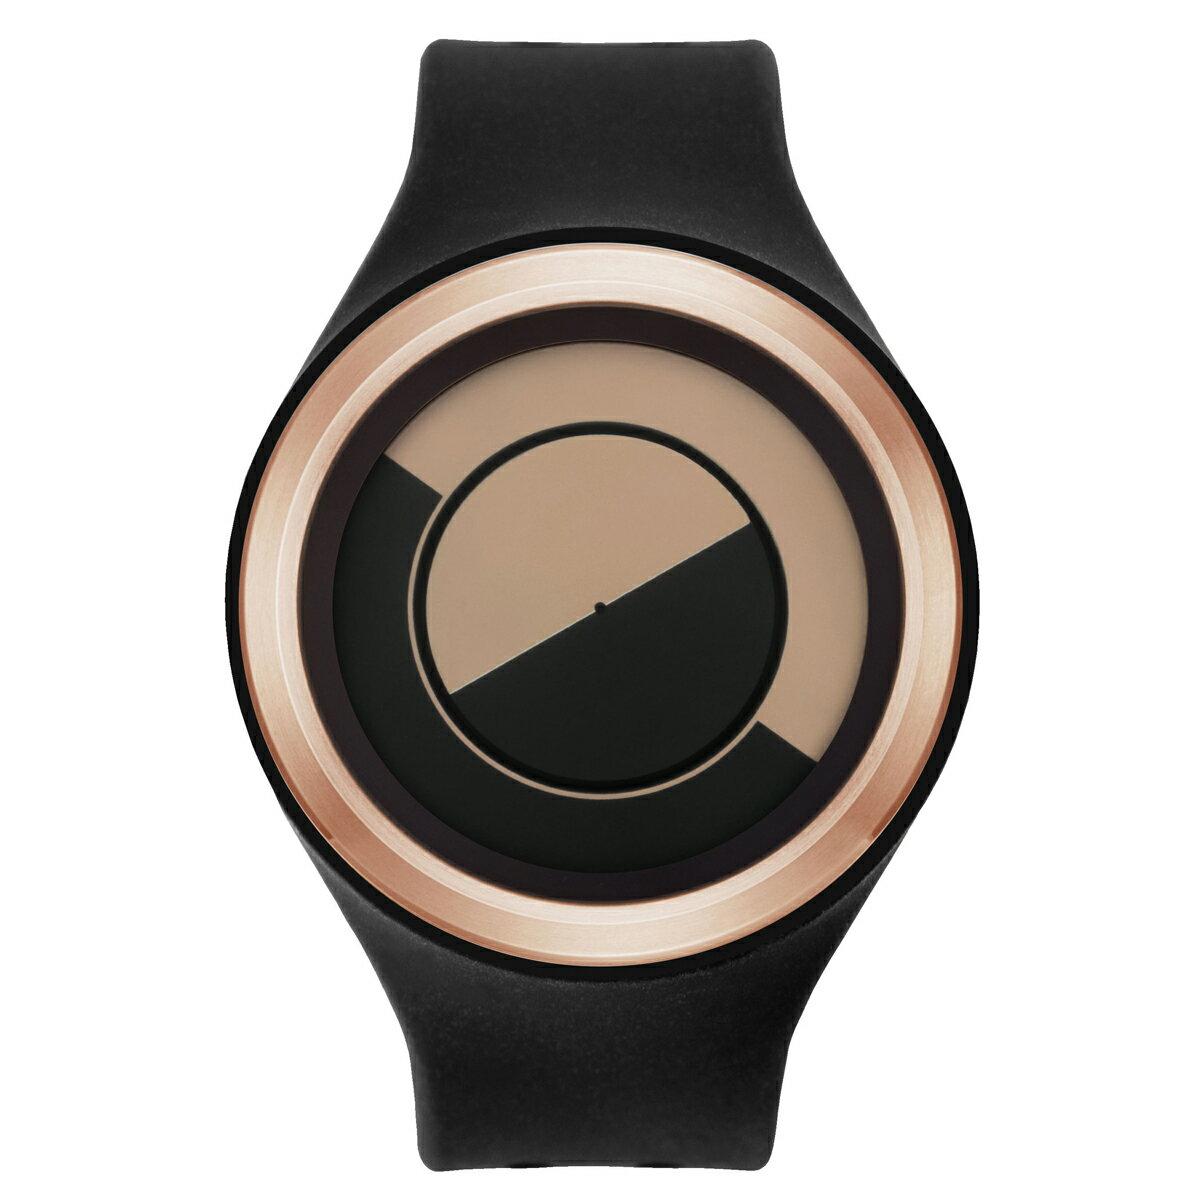 ZEROO QUARTER MOON ゼロ 電池式クォーツ 腕時計 [W01003B05SR02] ブラック デザインウォッチ ペア用 メンズ レディース ユニセックス おしゃれ時計 デザイナーズ